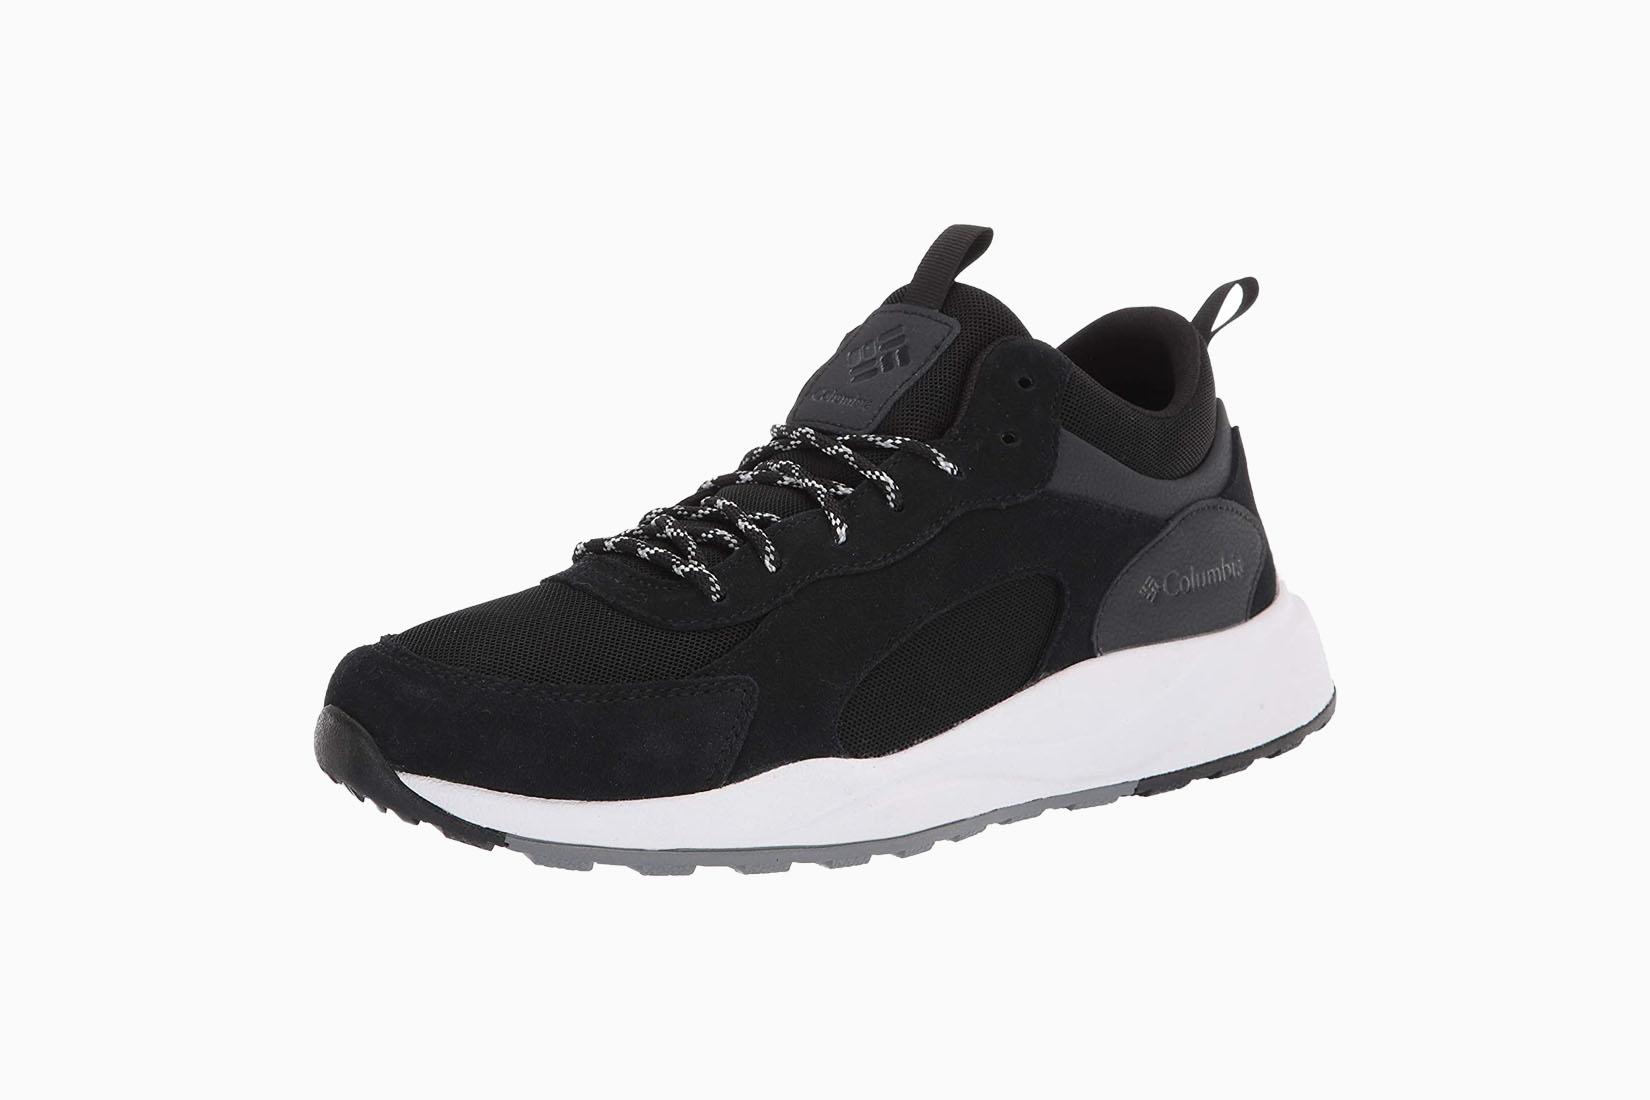 best waterproof shoes men columbia review Luxe Digital